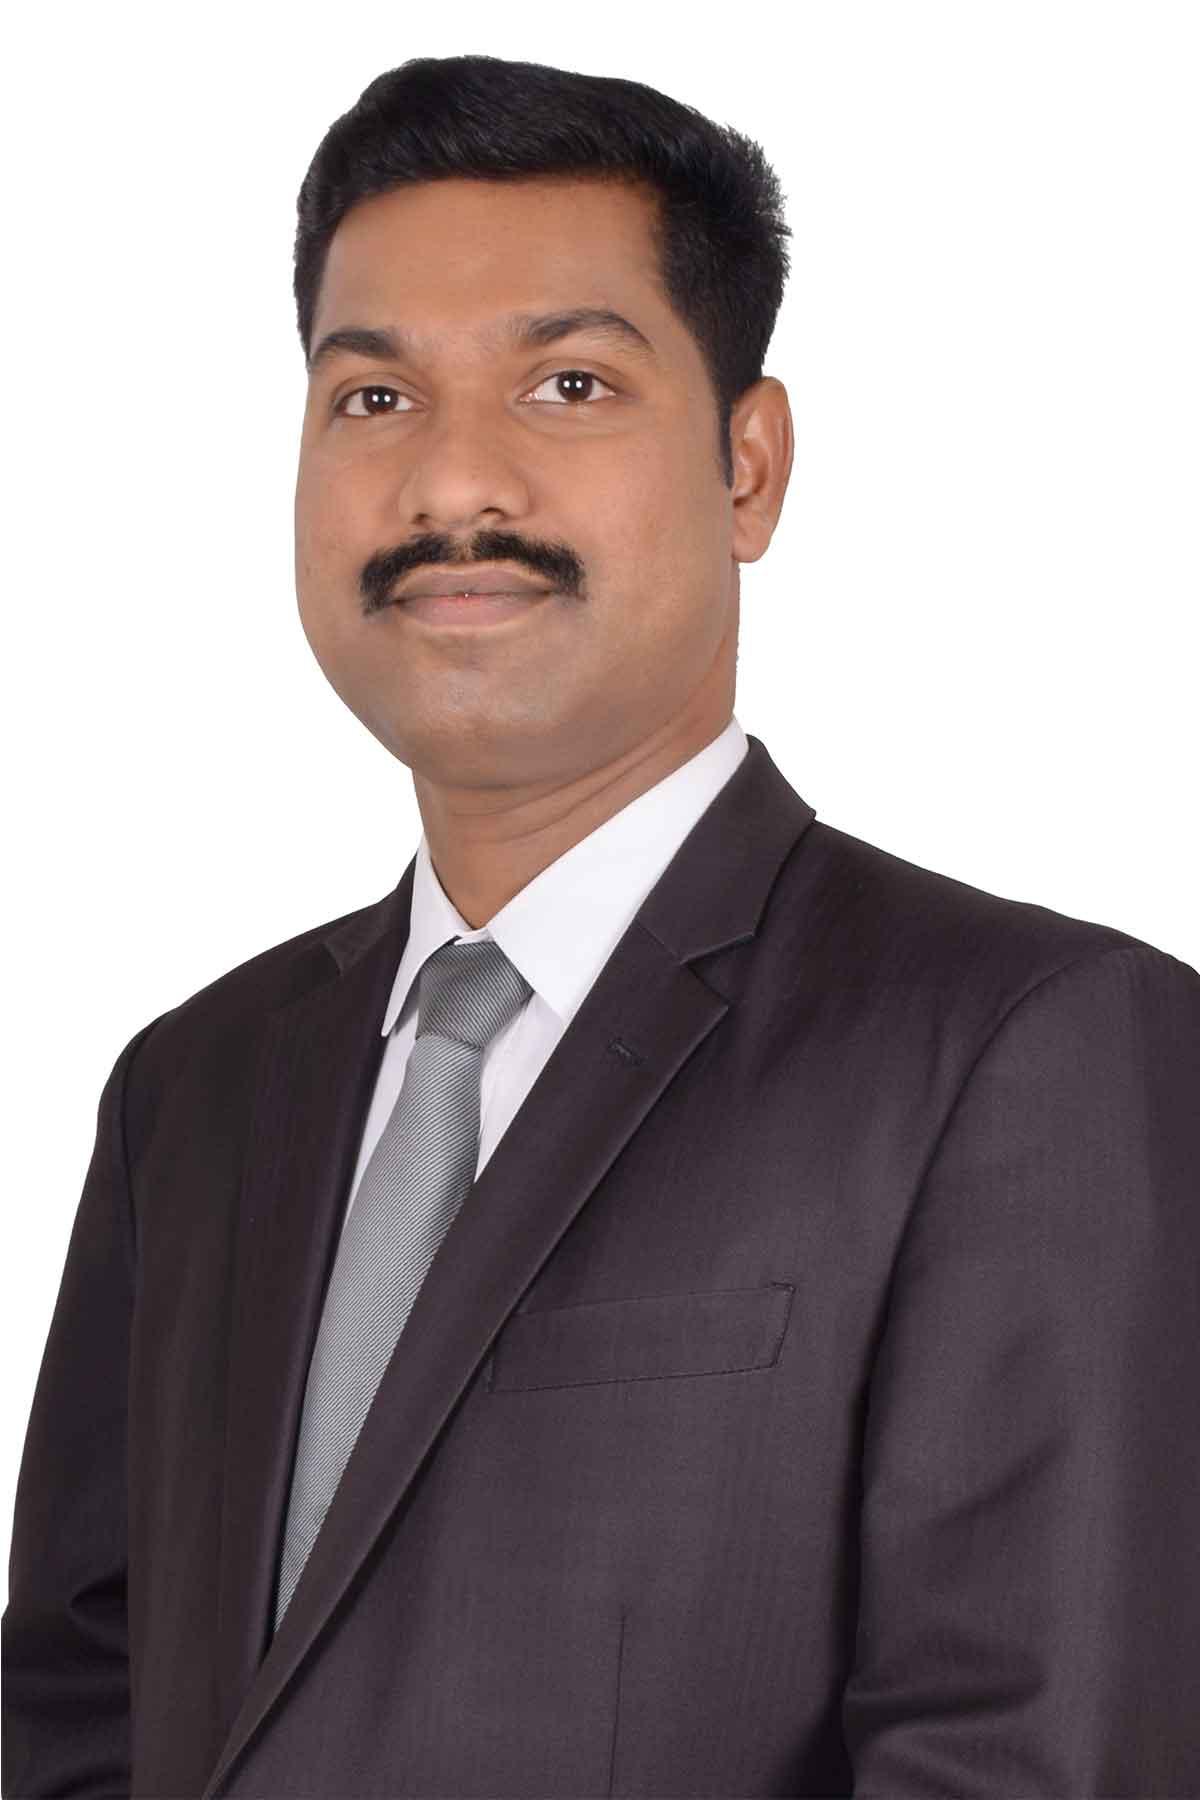 Renjith raveendran nair